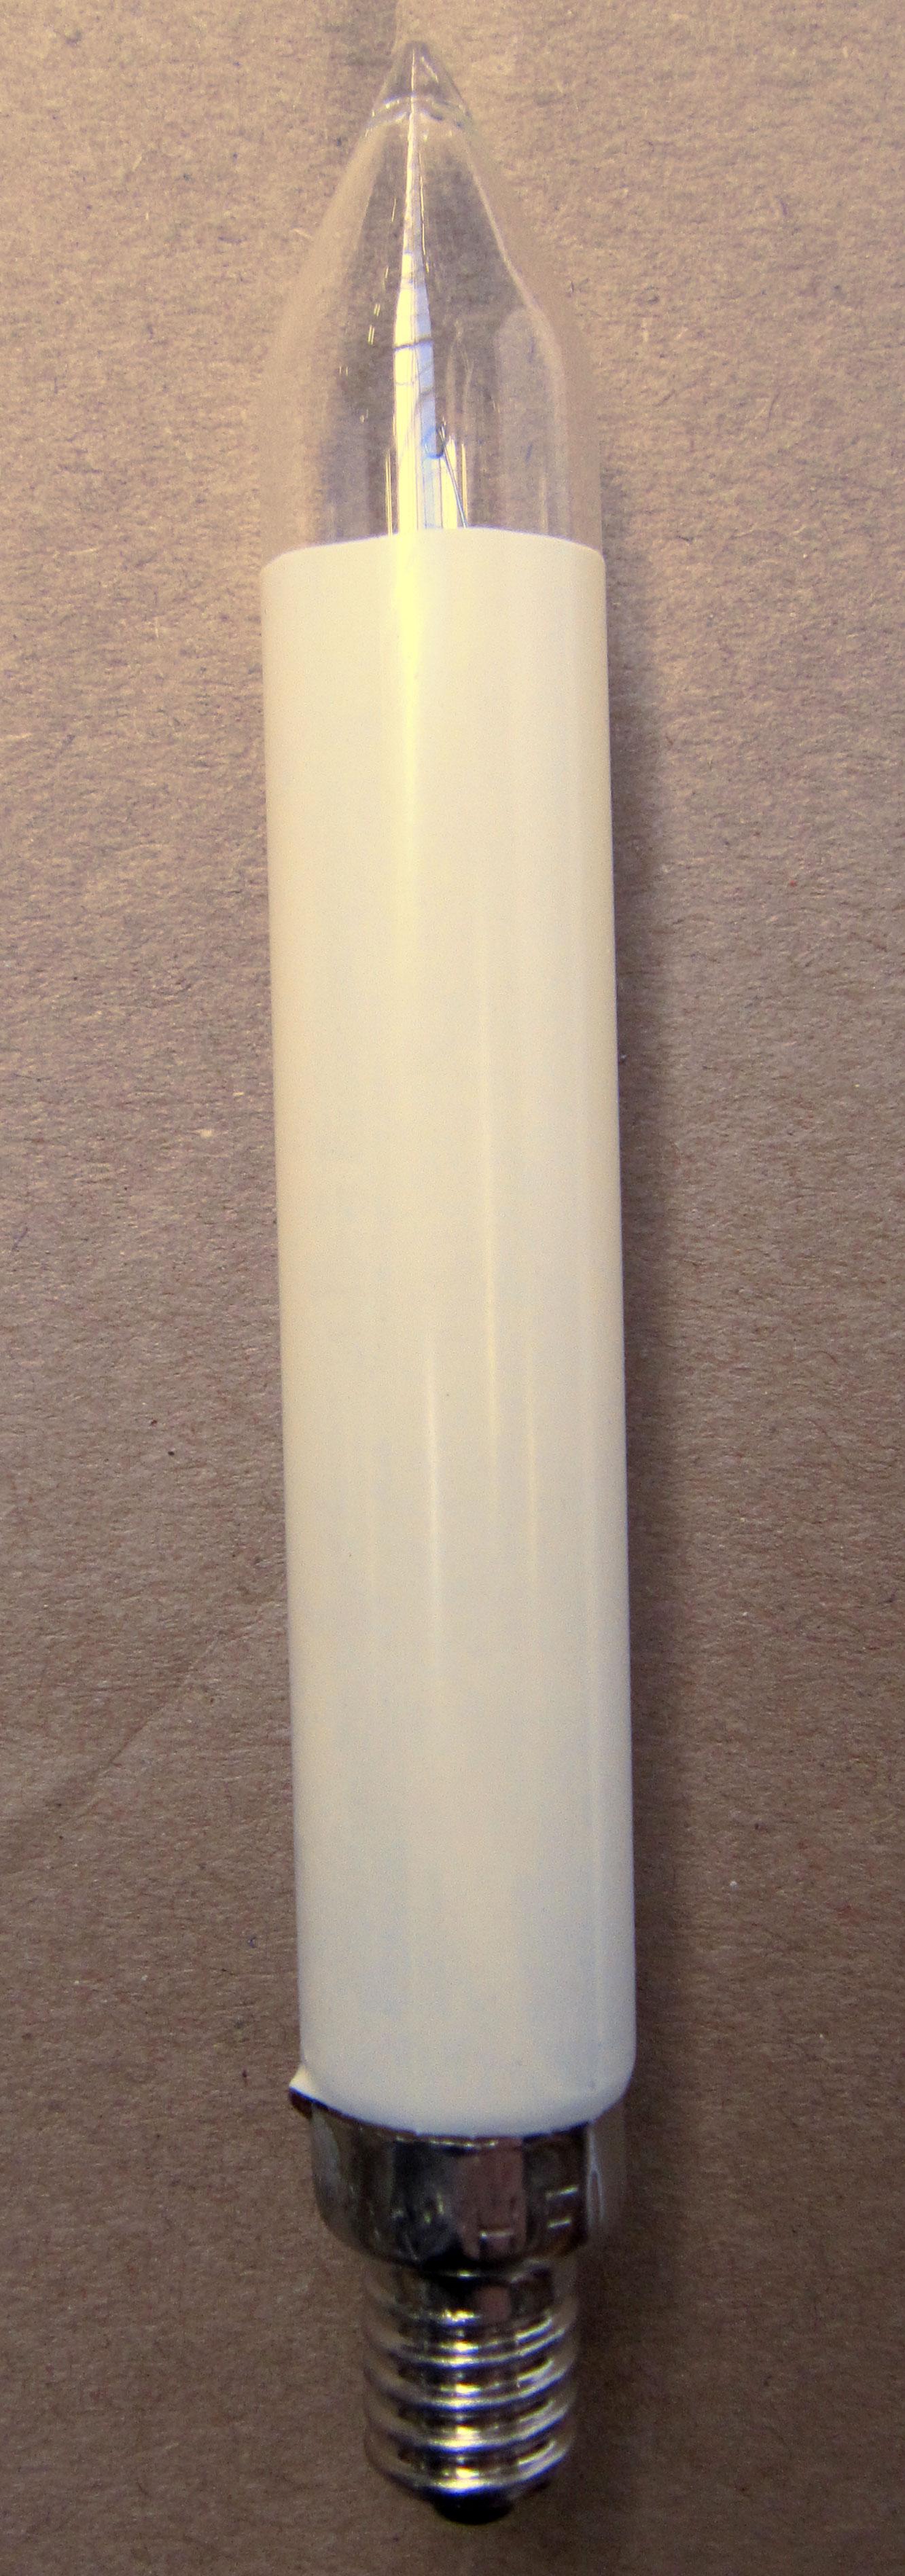 Ersatzlampen Schaftkerze elfenbein für 20 Brennstellen 12V 3W Bild 1